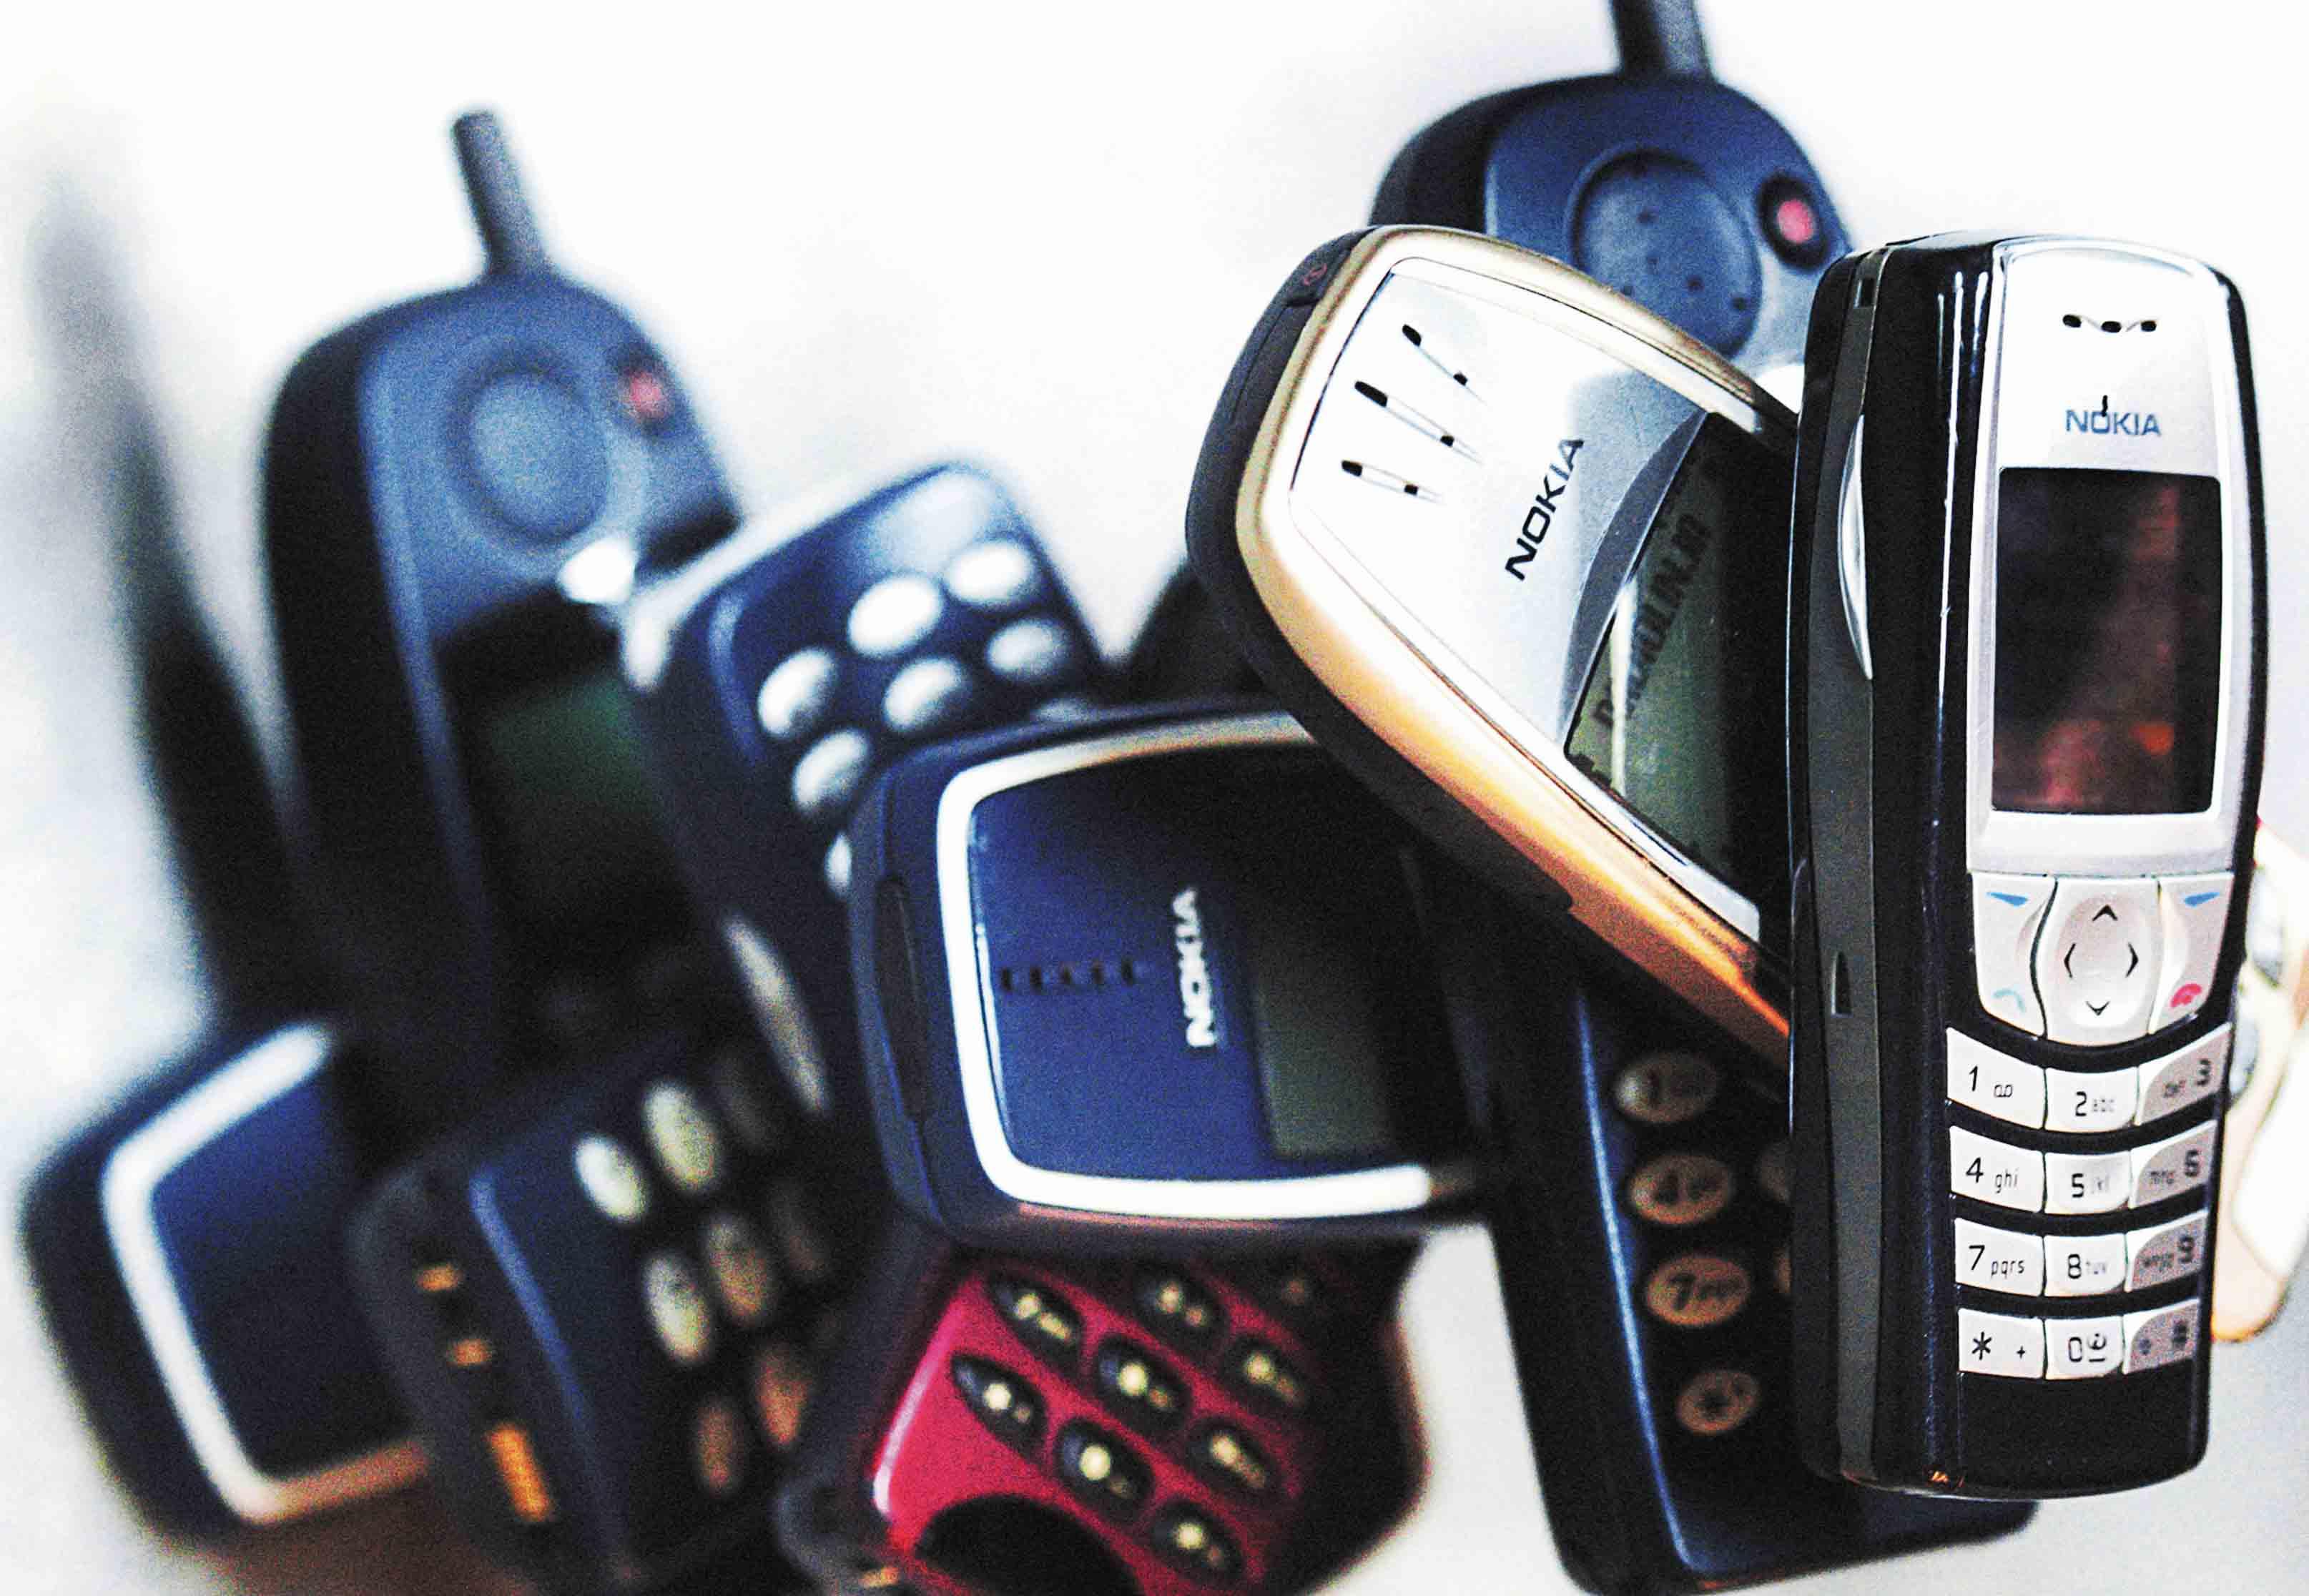 Nokia betalar mindre skatt i finland